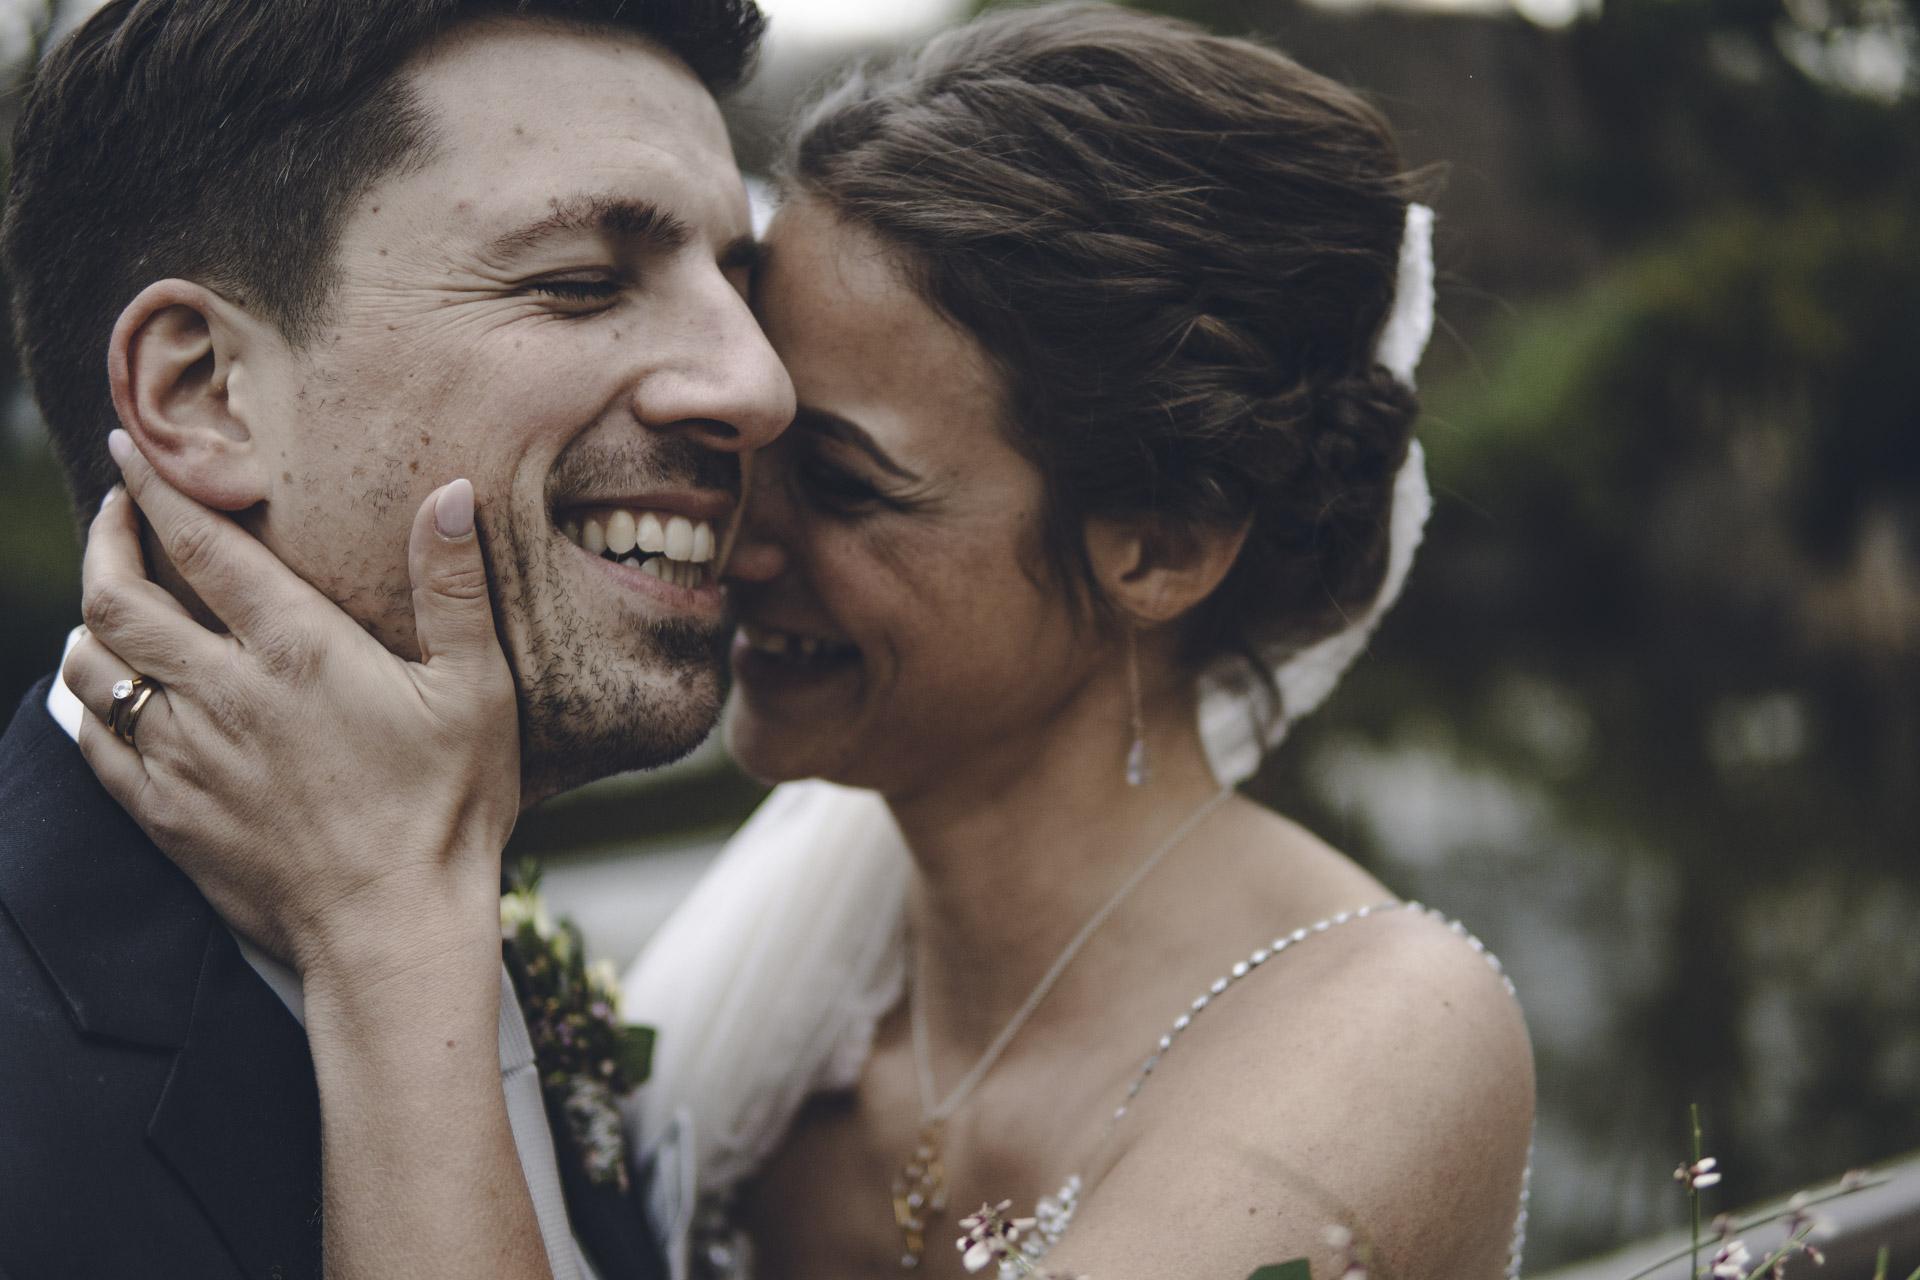 Hochzeit Shooting in München mit glücklichen Brautpaar